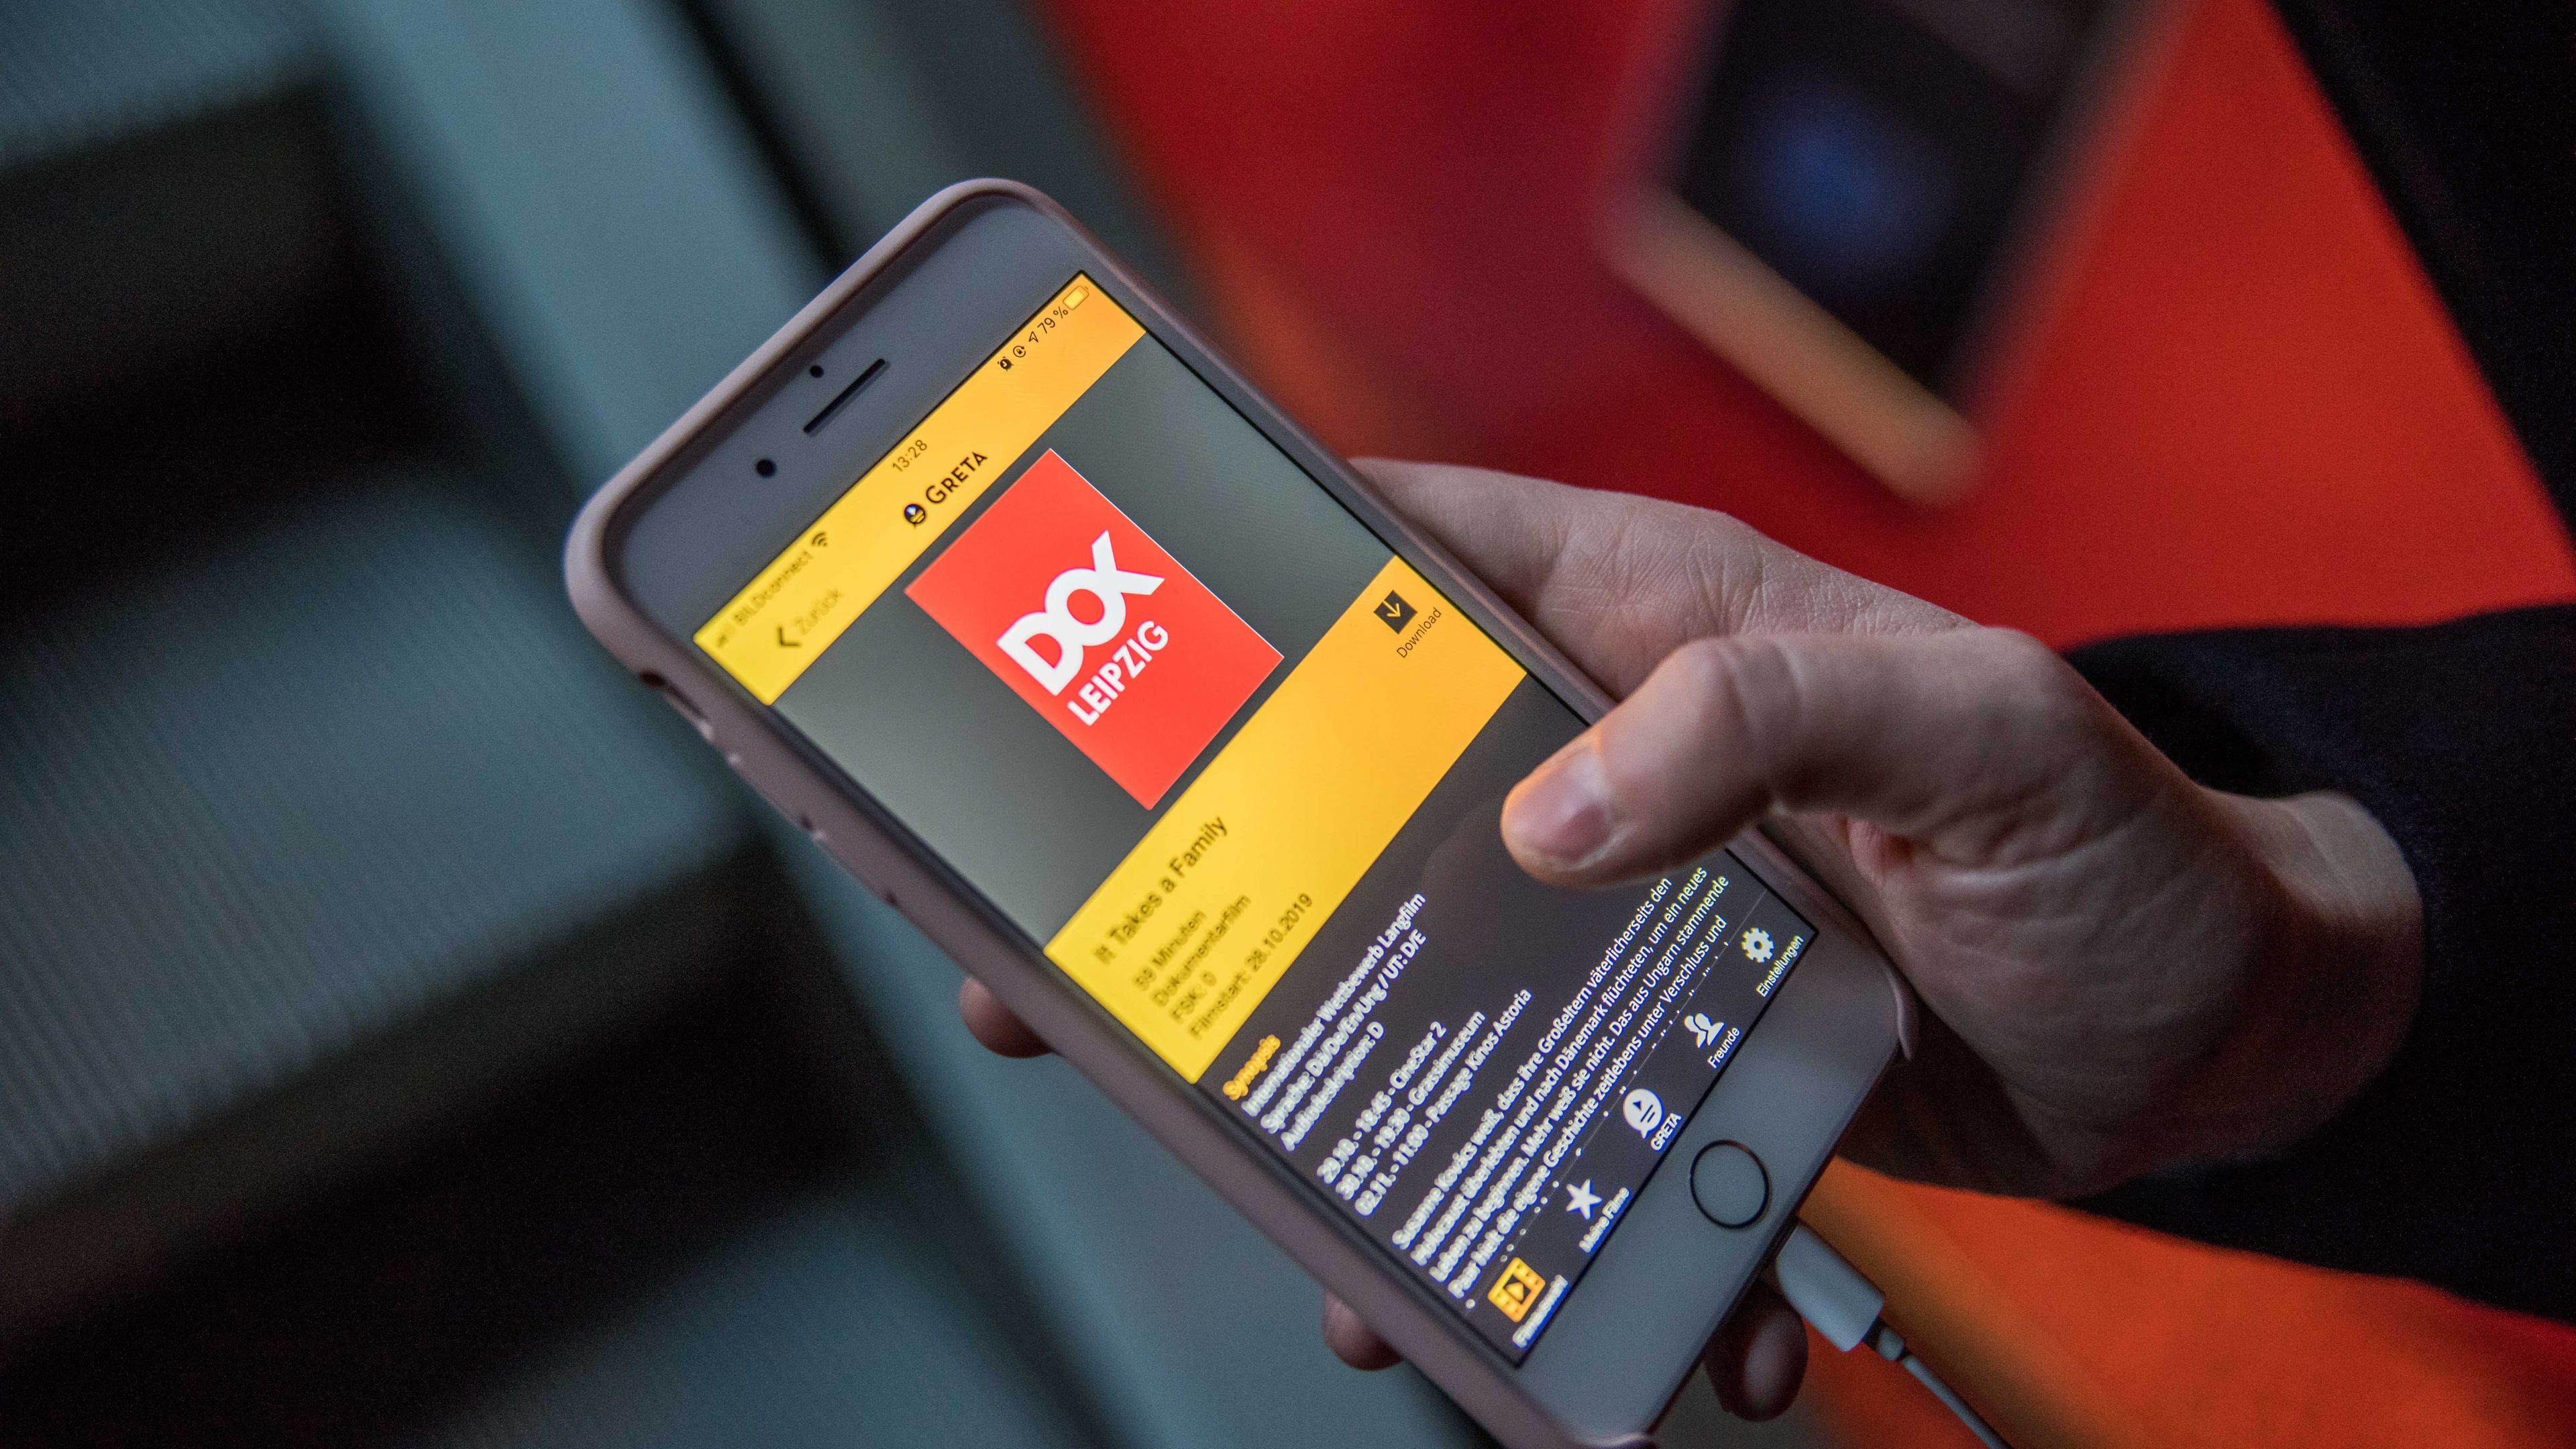 Eine Besucherin, von der nur die rechte Jand zu sehen ist, hält darin ihr Smartphone. Auf dem Display erscheint die App Greta, ausgewählt ist der Film It Takes a Family.